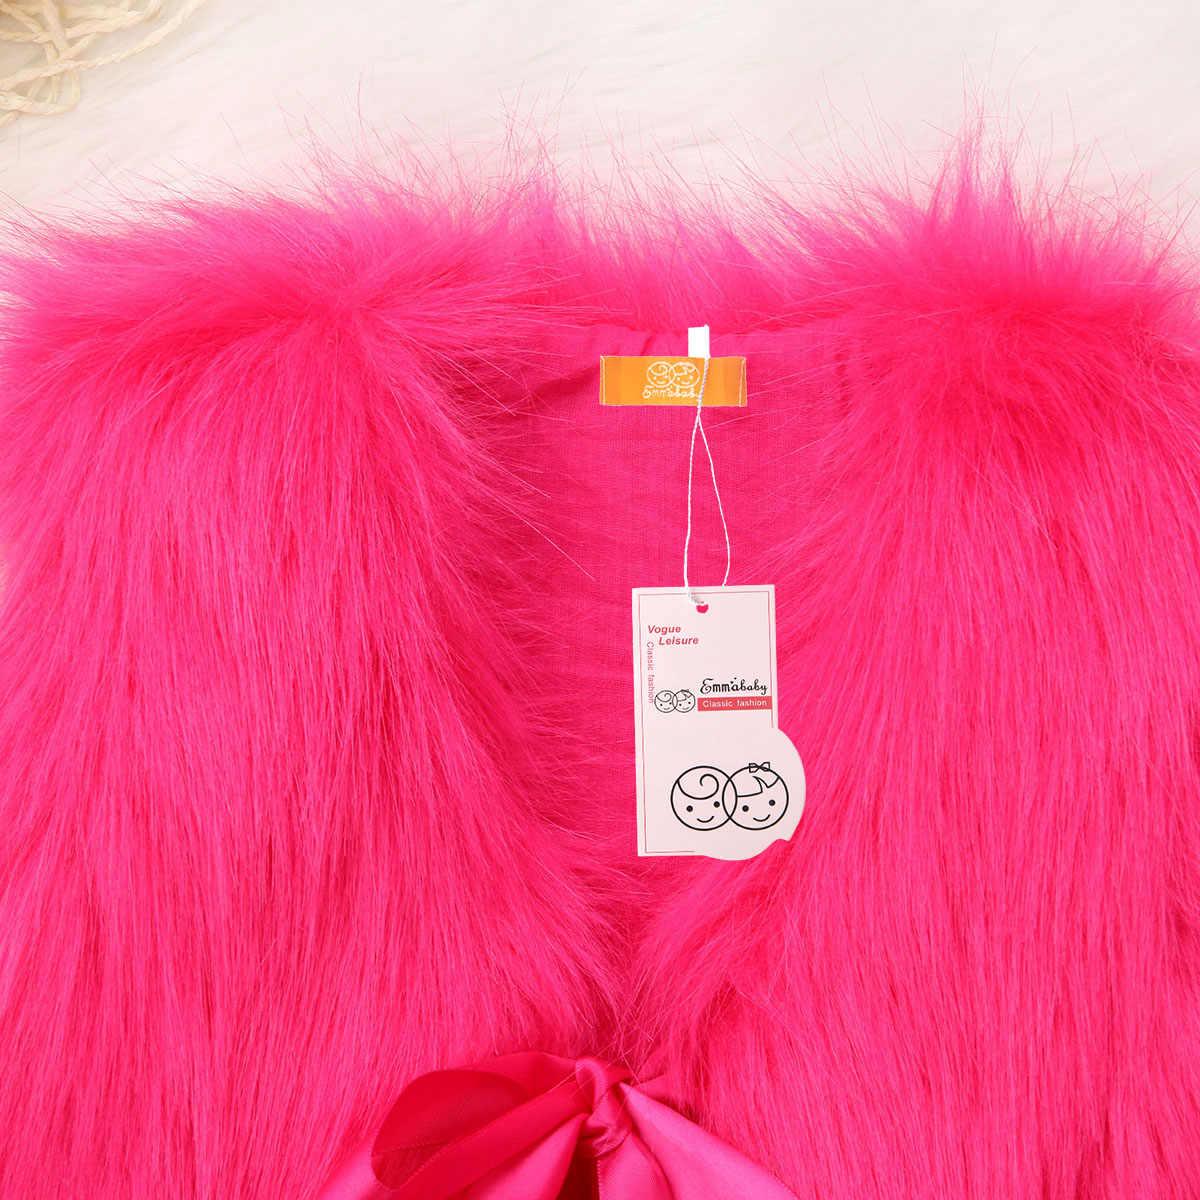 ABD Kış Çocuk Kız Taklit Kürk Yelek Bebek Yelek Kız Noel Ceket Dış Giyim Ceket